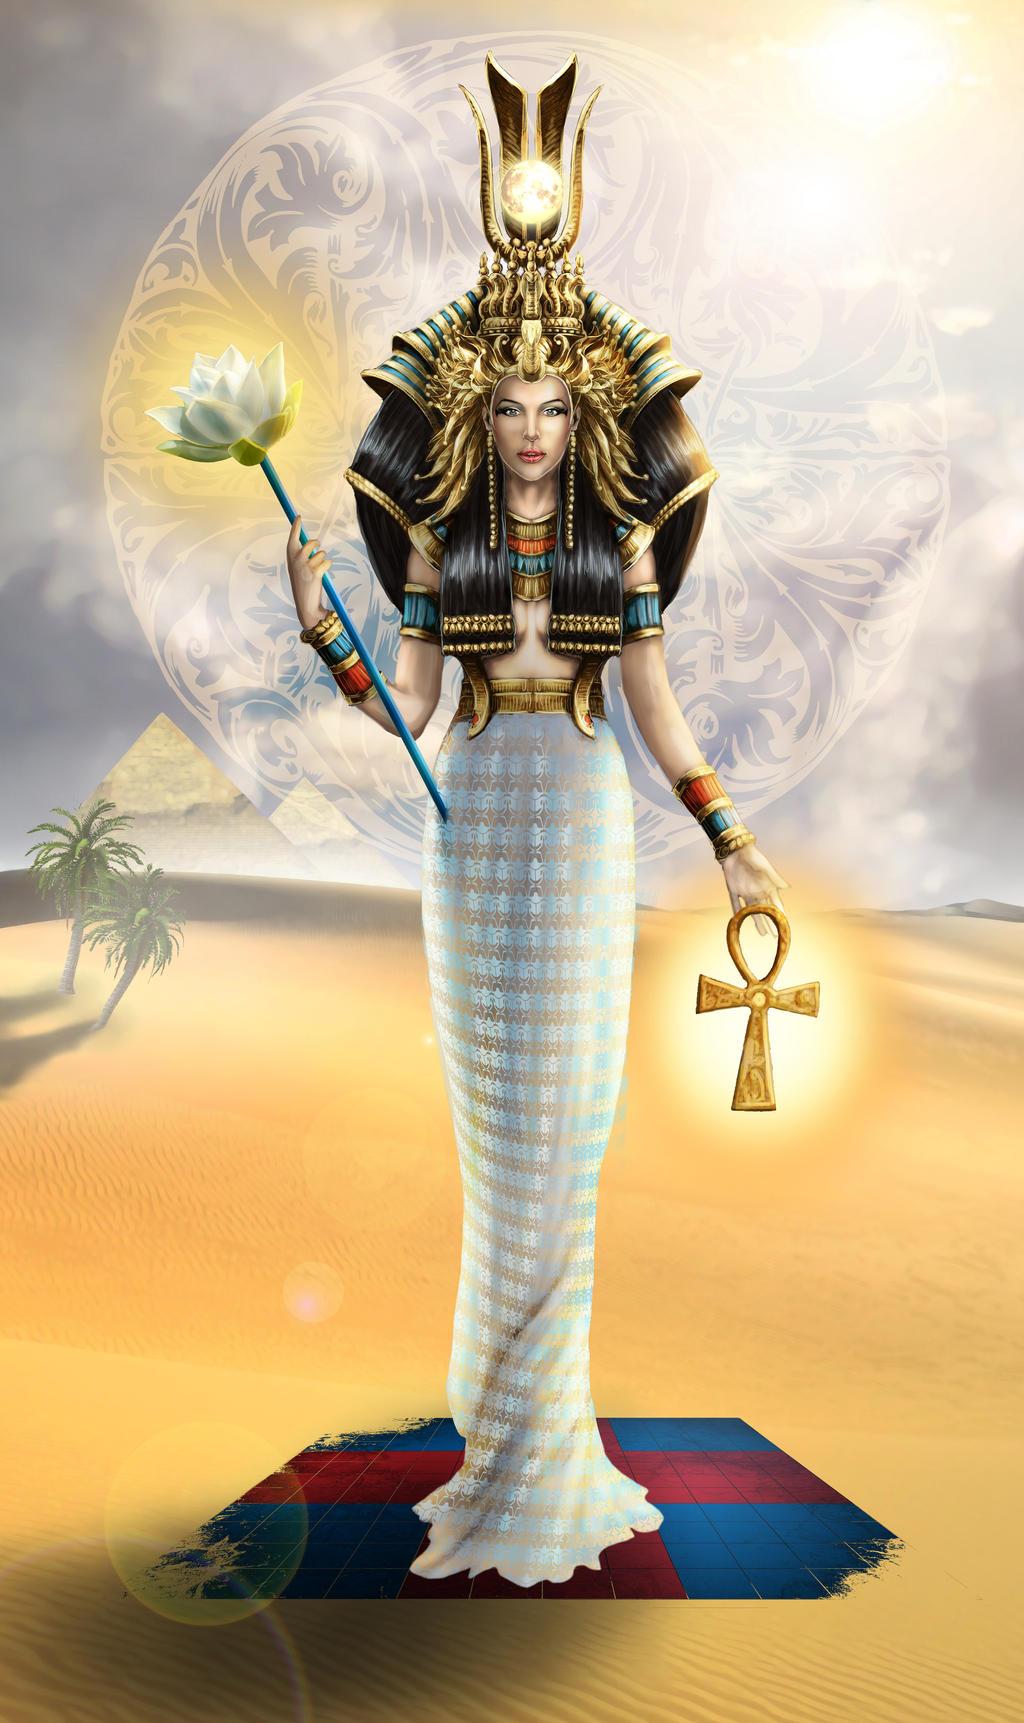 egypt Iside, la Signora della Conoscenza - by bobgreyvenstein DeviantArt (2015-2017) © dell'autore